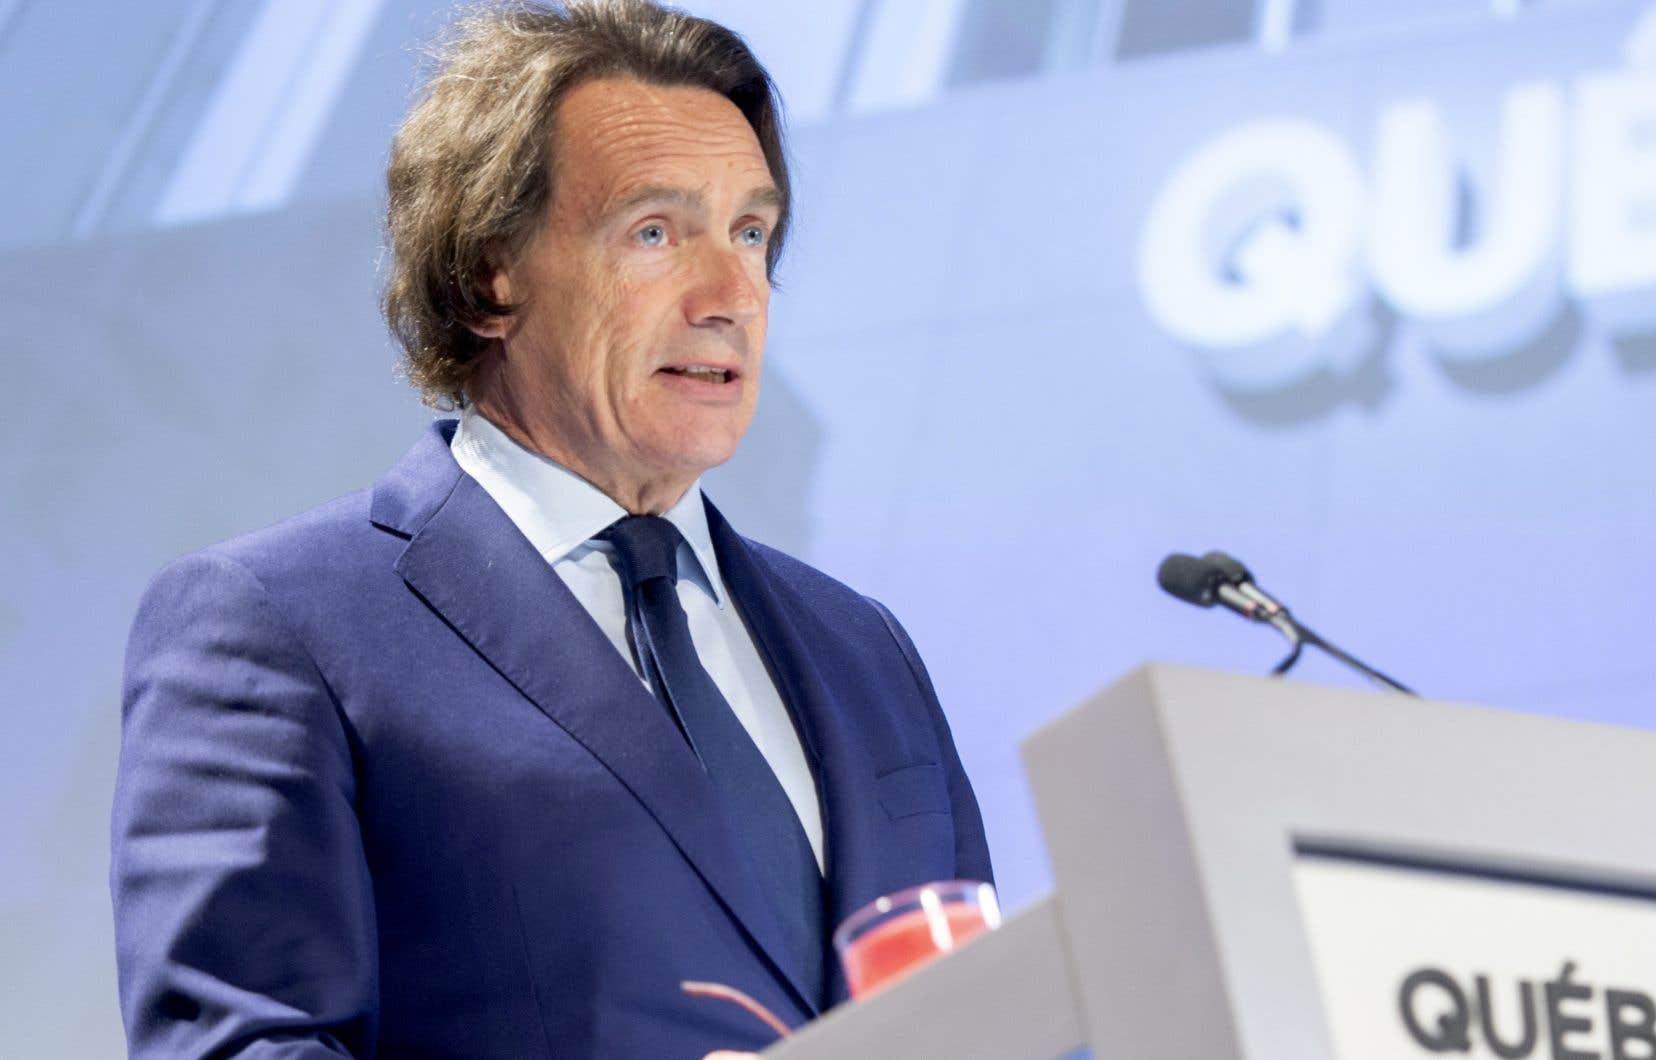 Le grand patron de Québecor, Pierre Karl Péladeau